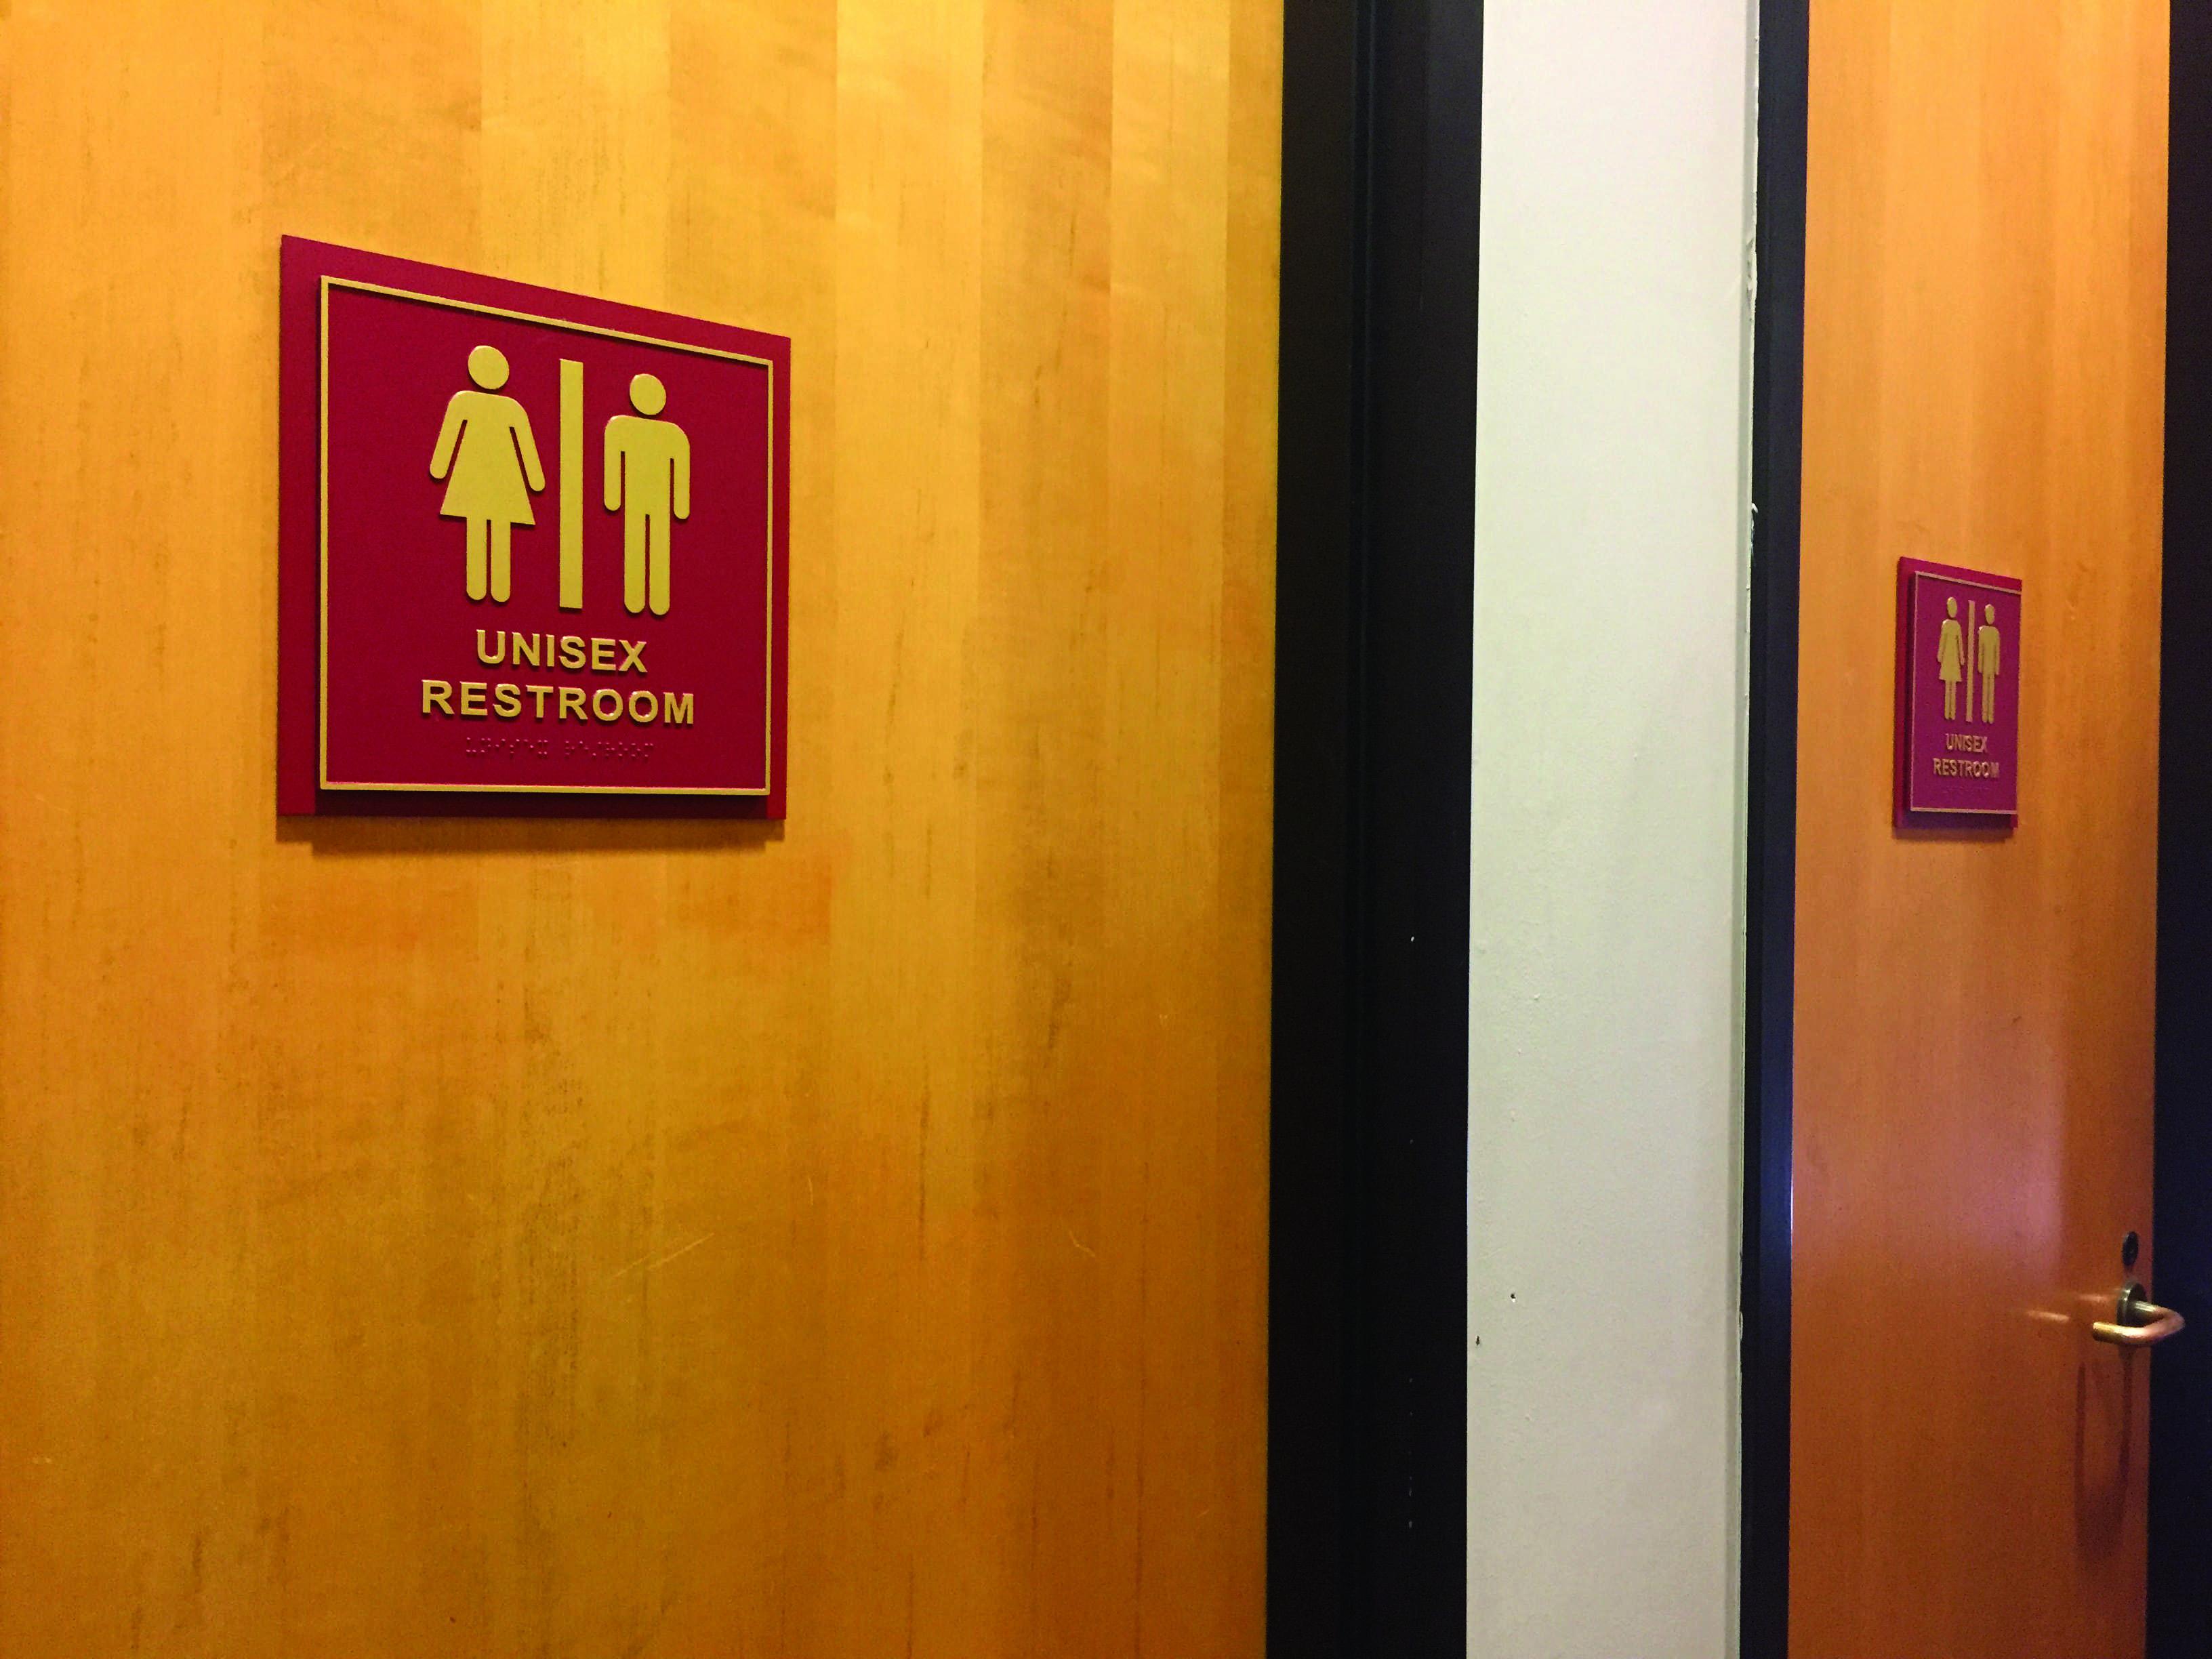 Loyola quietly develops transgender resources